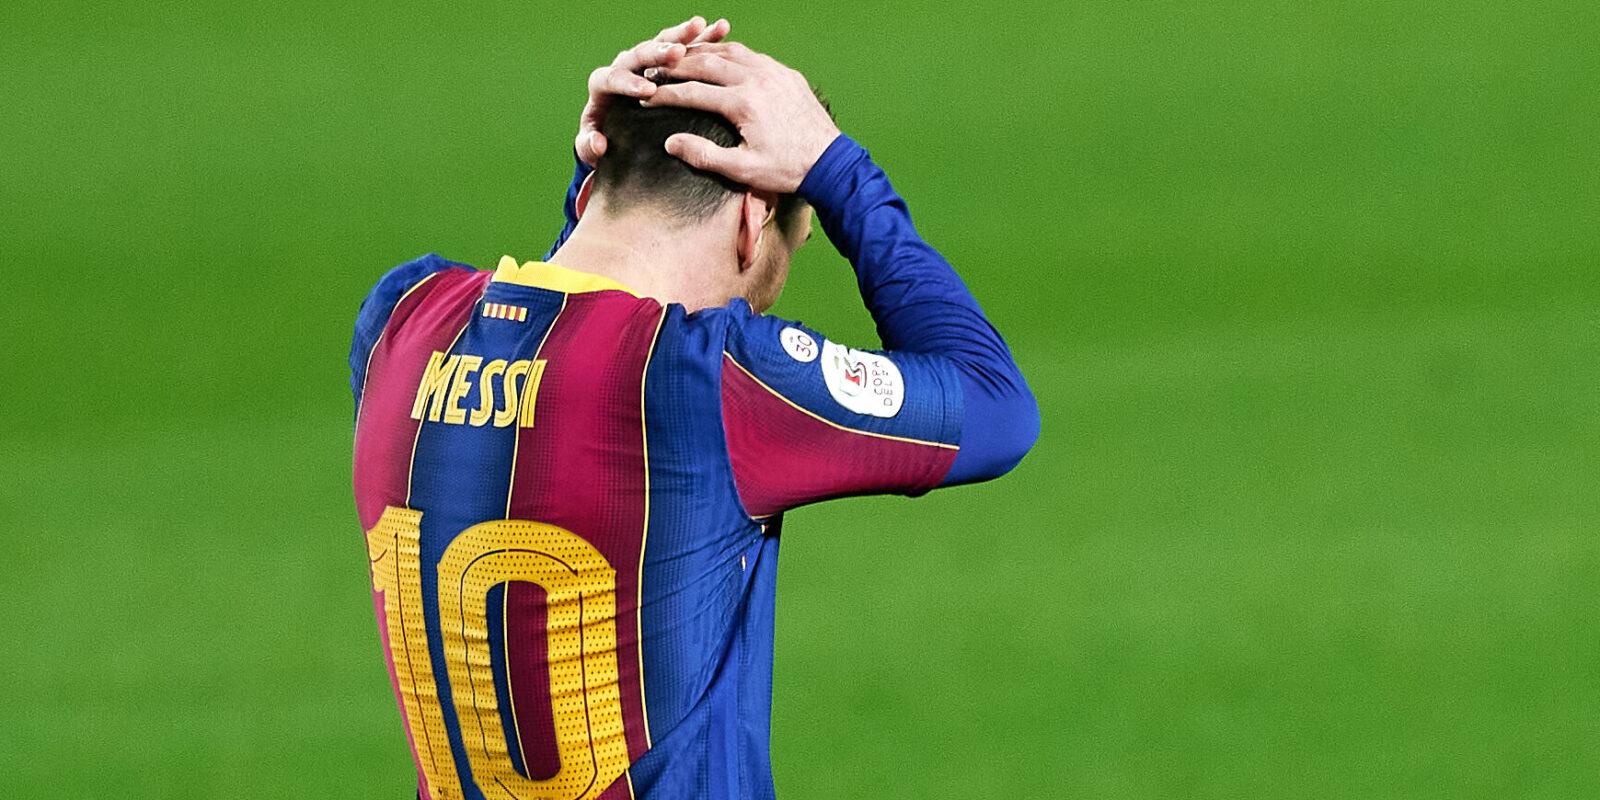 Messi, capità del Barça | Europa Press